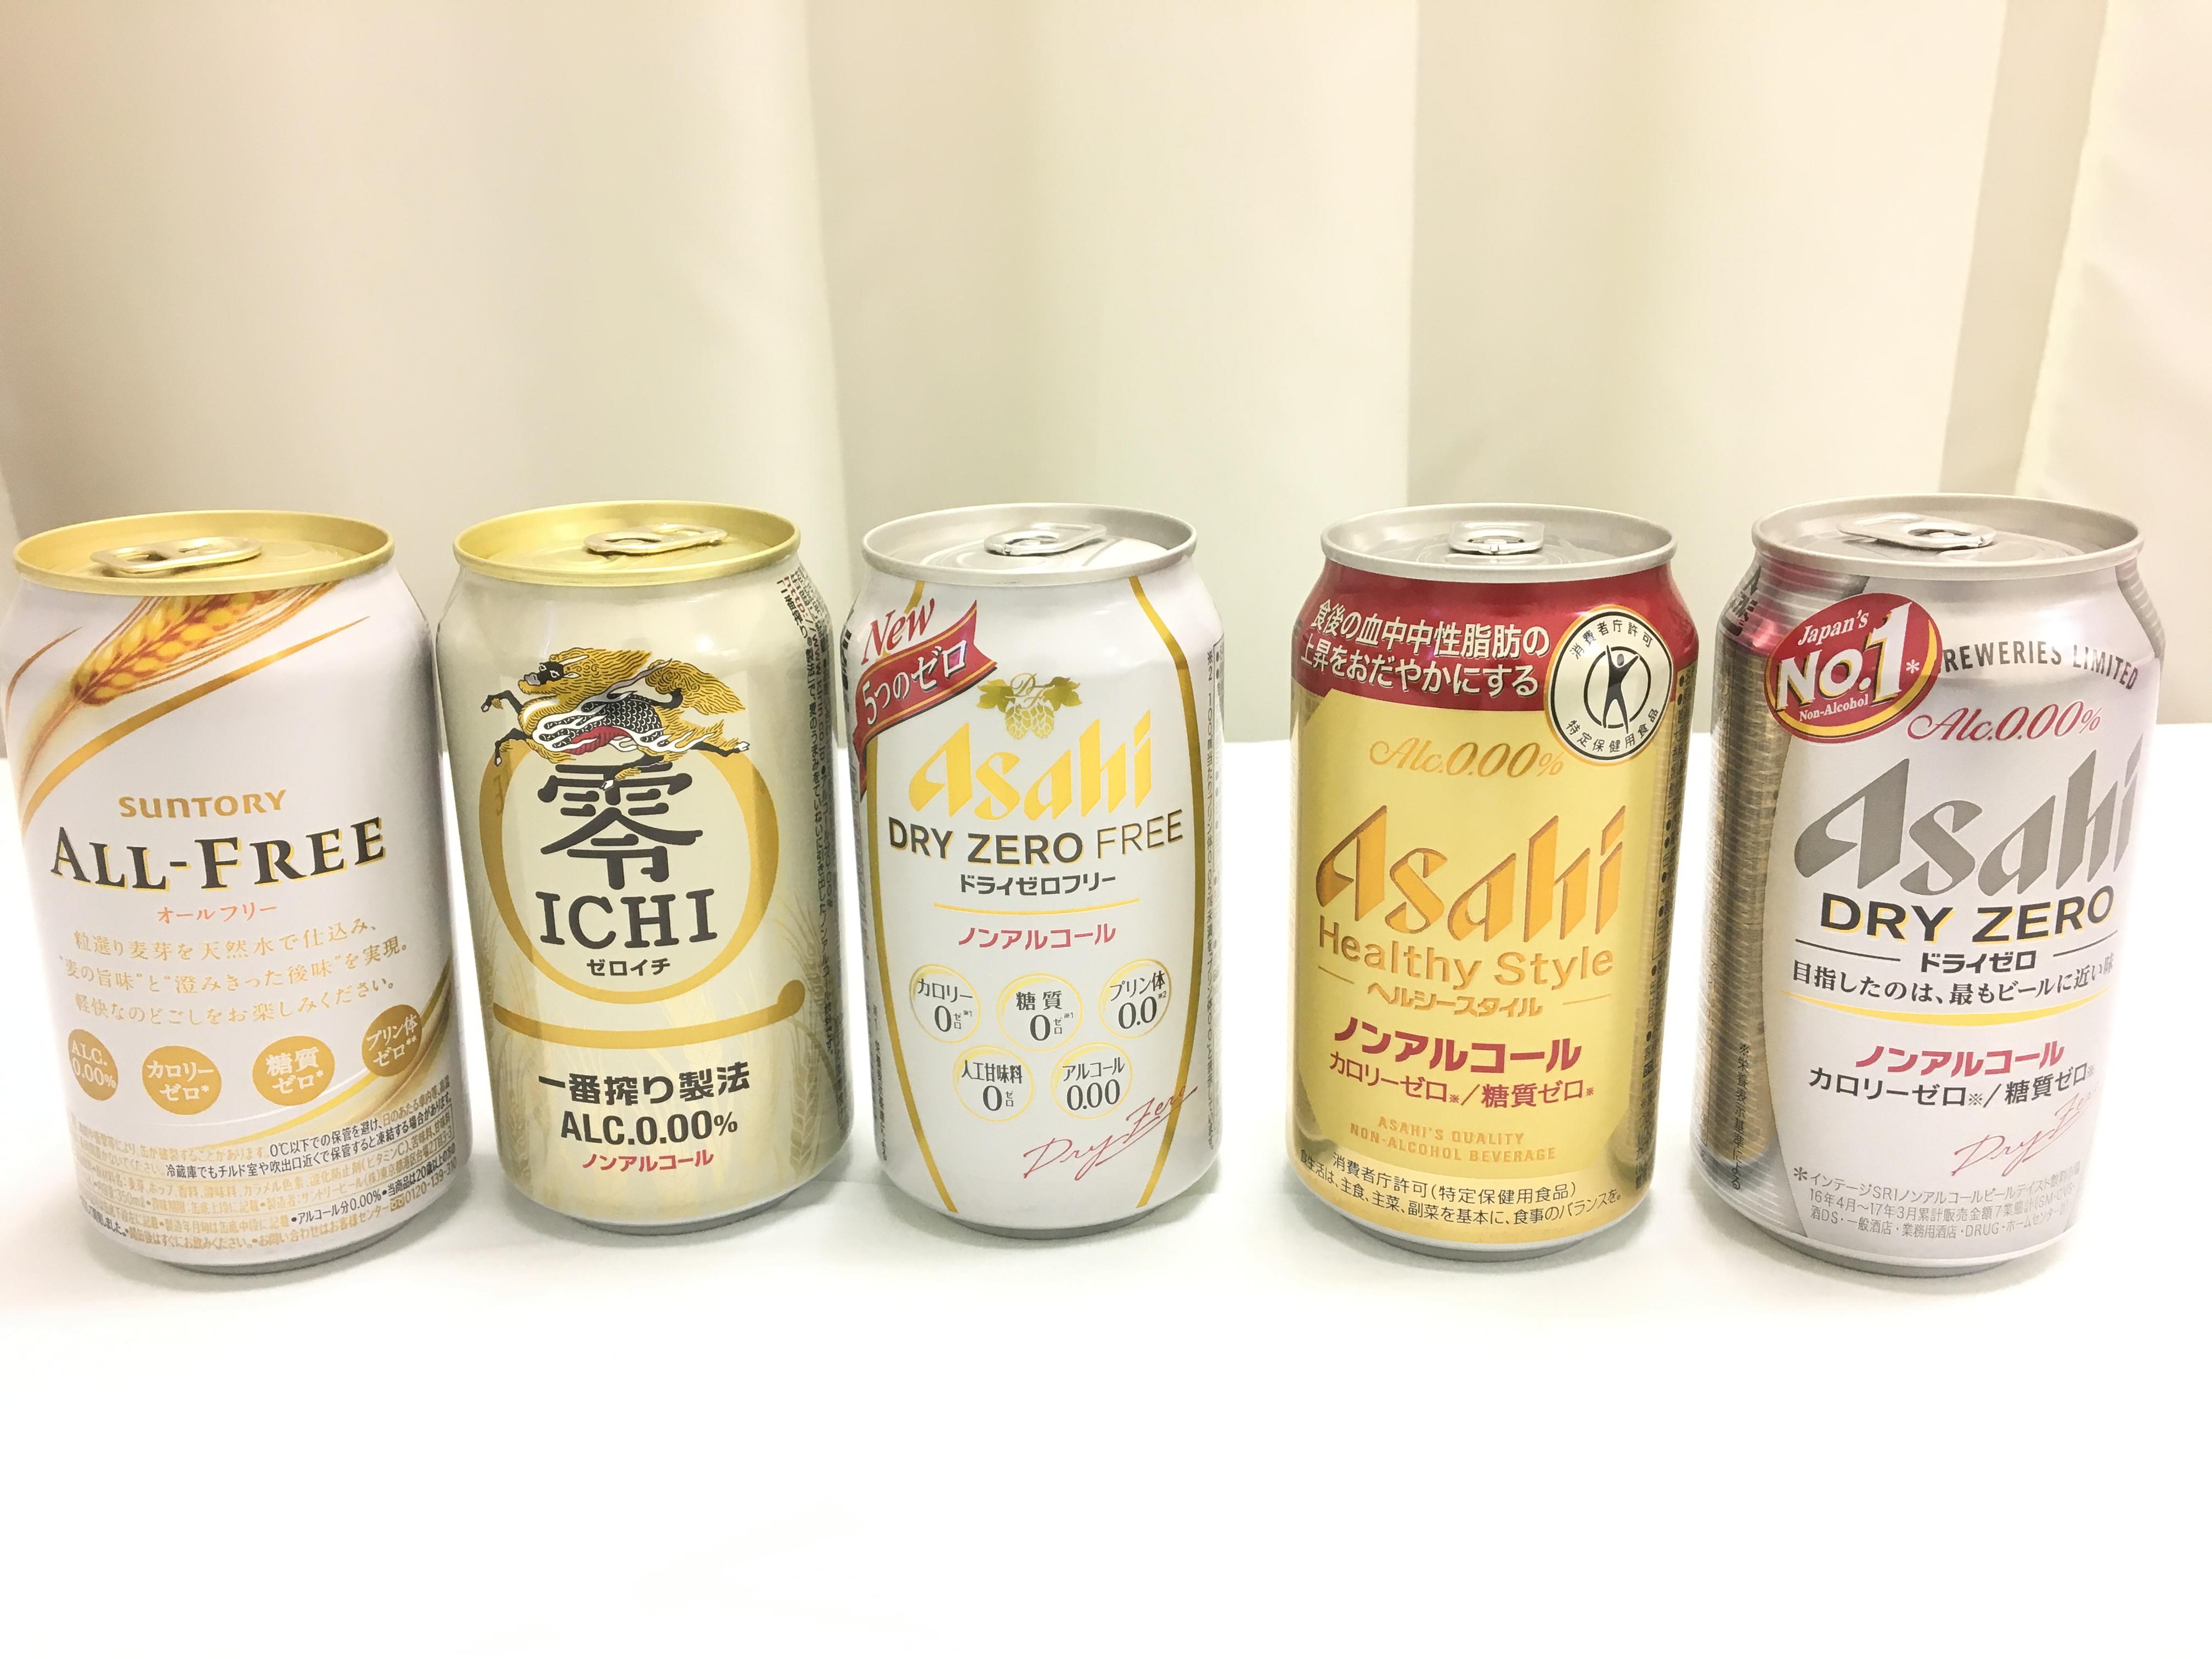 [ブログ]ノンアルコールビール美味しいですよ!